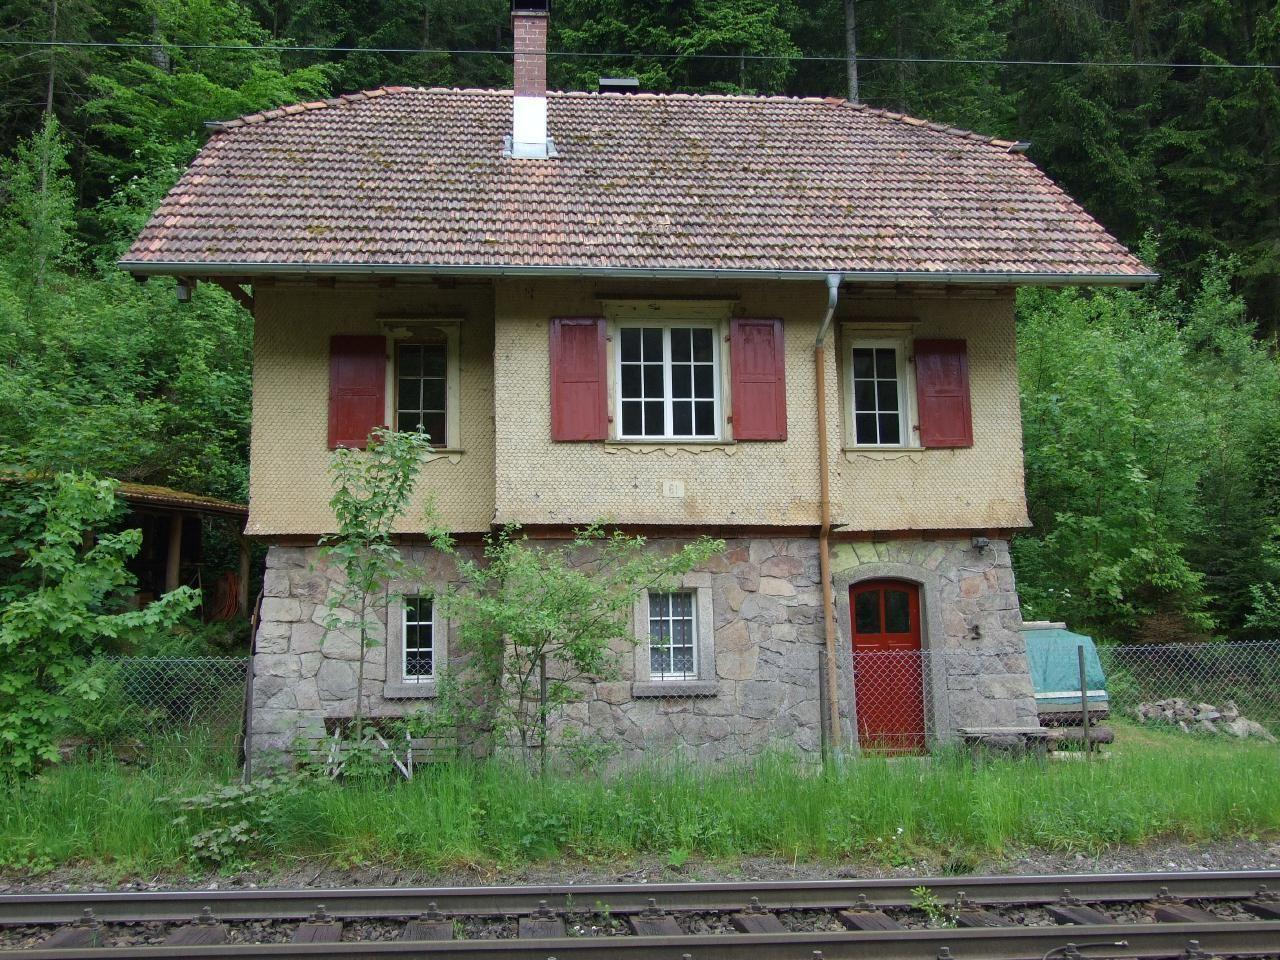 Historisches Bahnwärterhaus von 1873 - Ferien